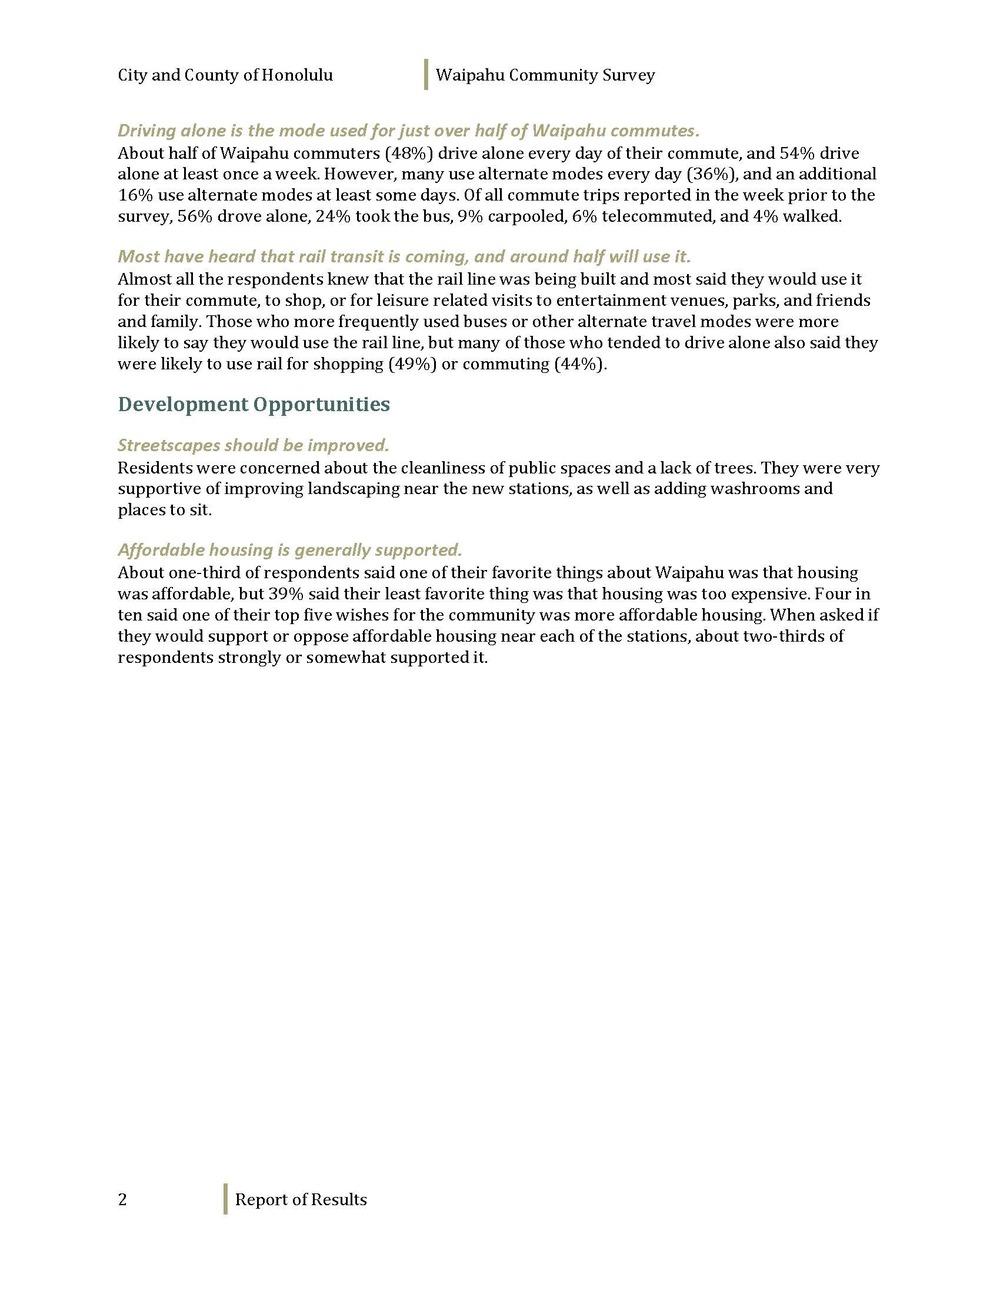 160608_WaipahuCommunitySurvey_Dec2012_Page_004.jpg